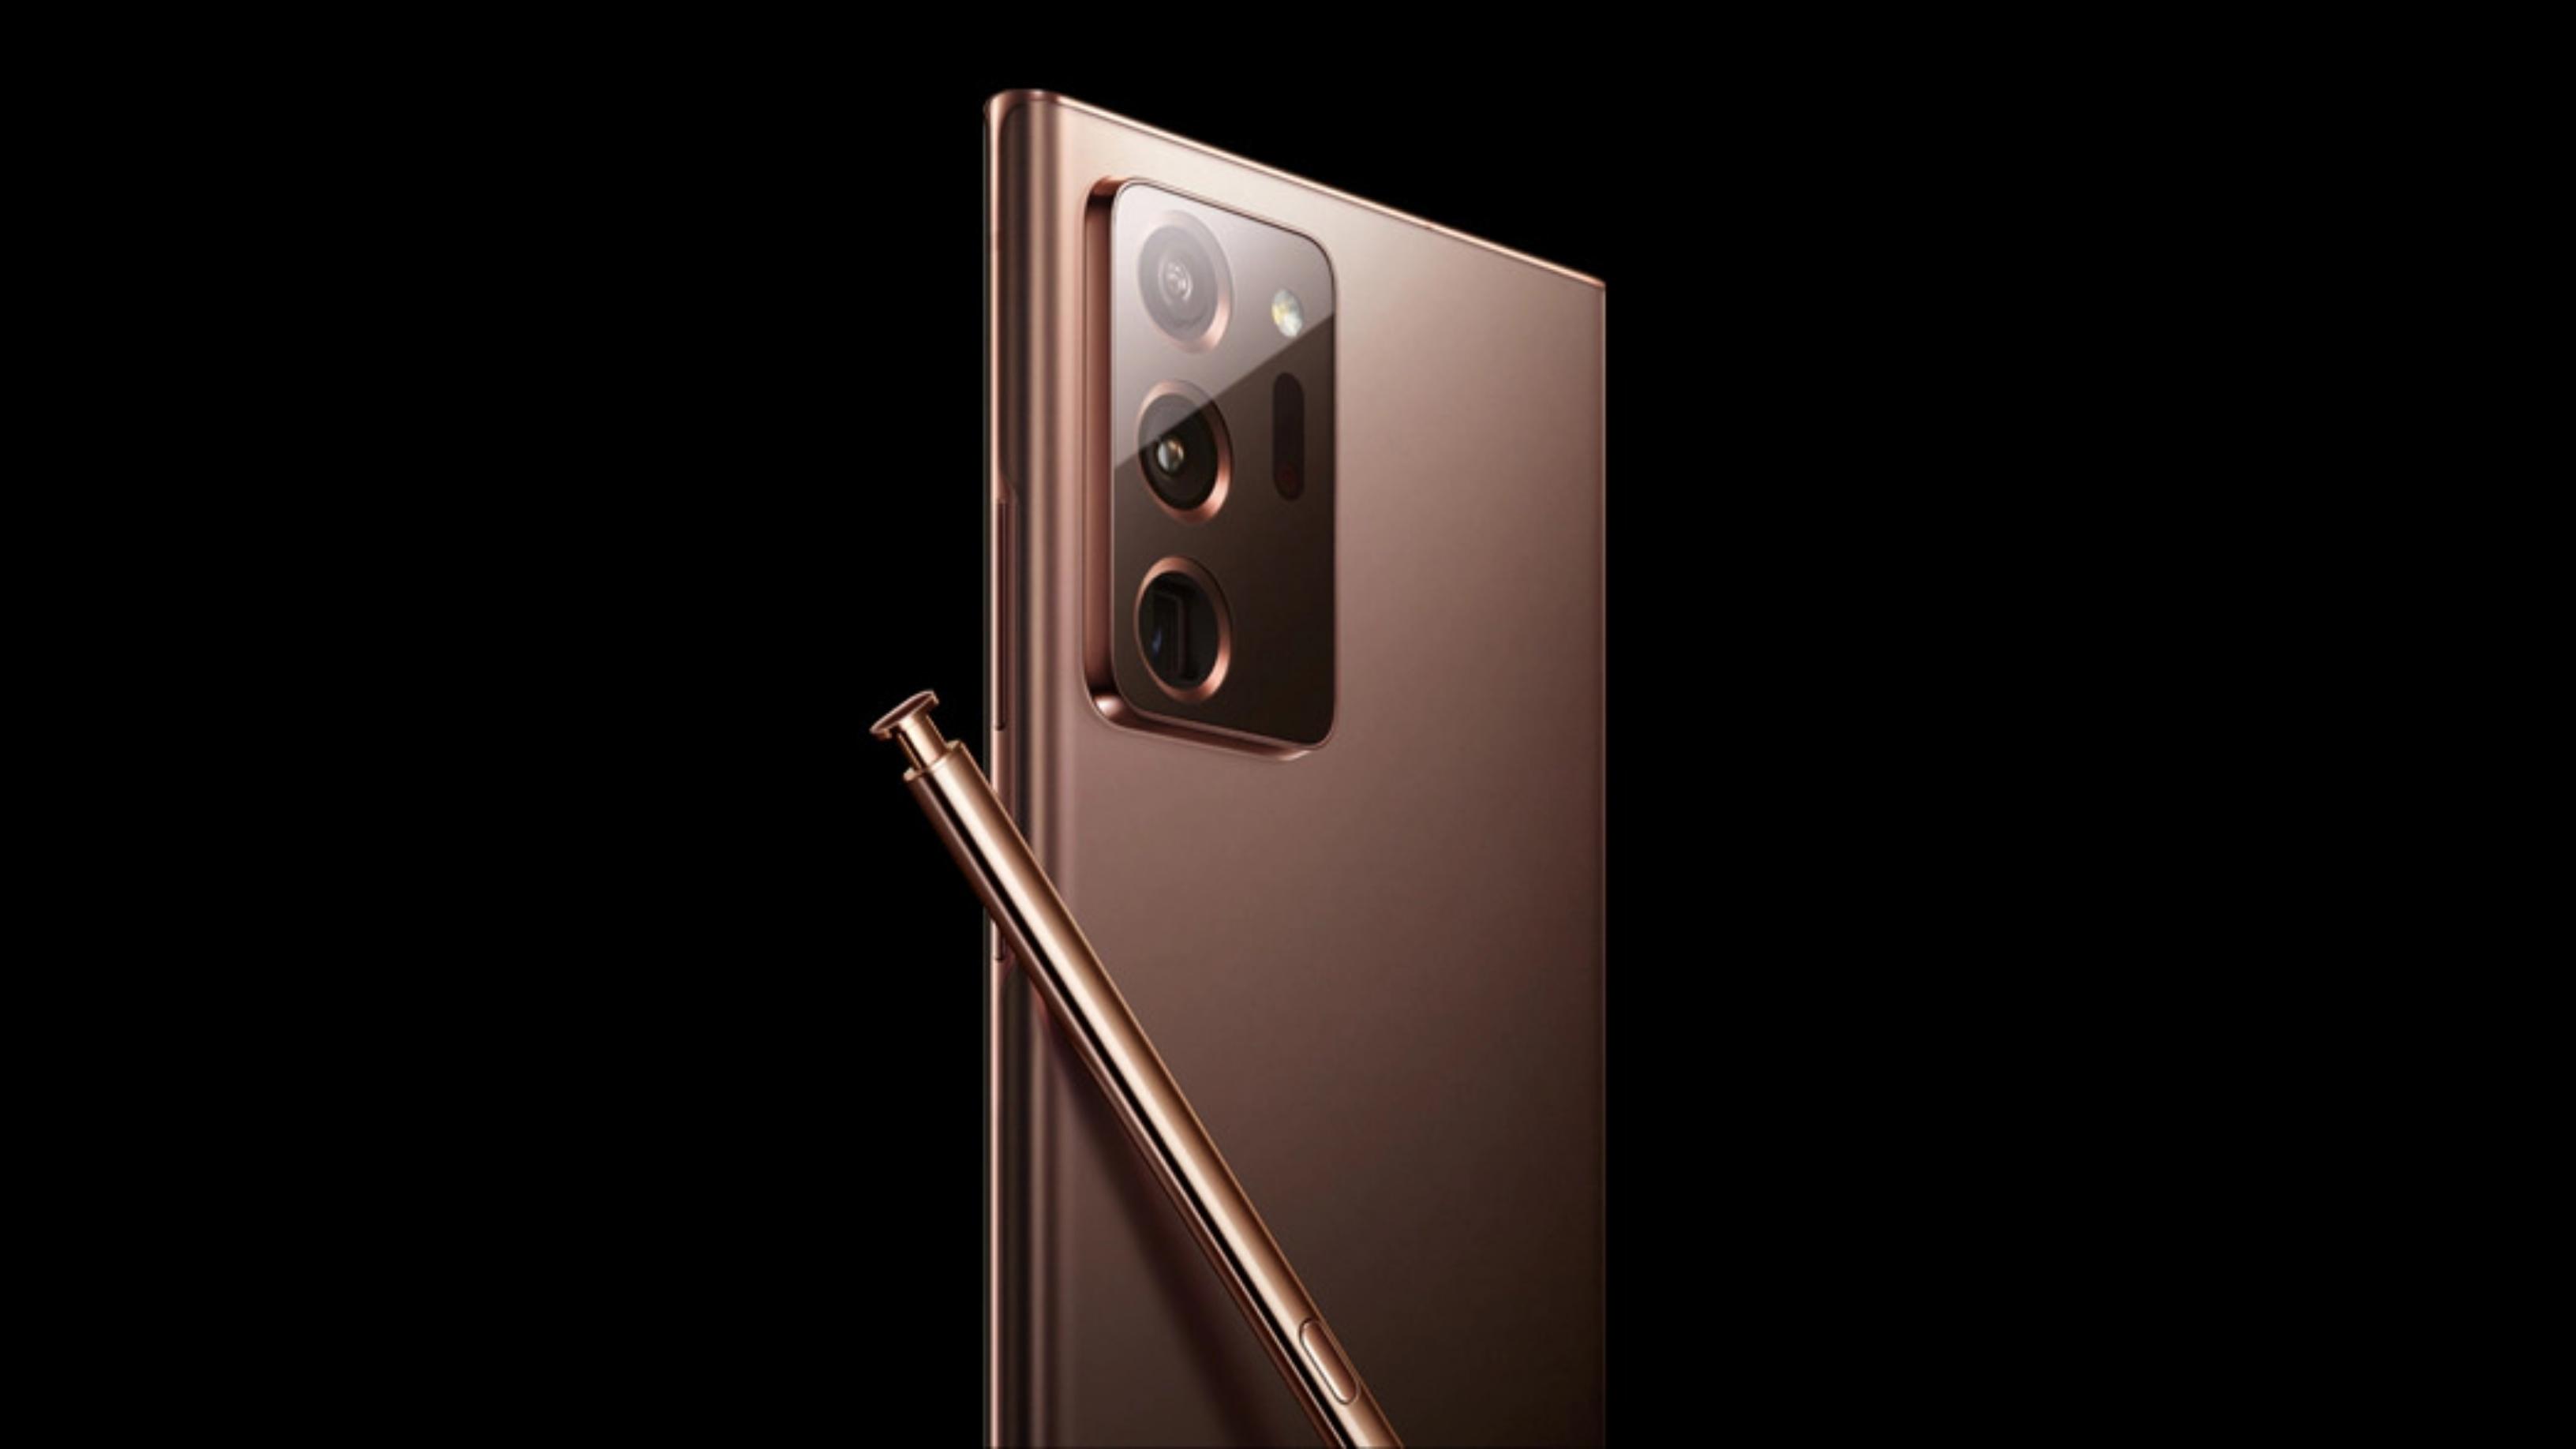 Samsung Galaxy Note 20 Ultra Final 3D design gets Official